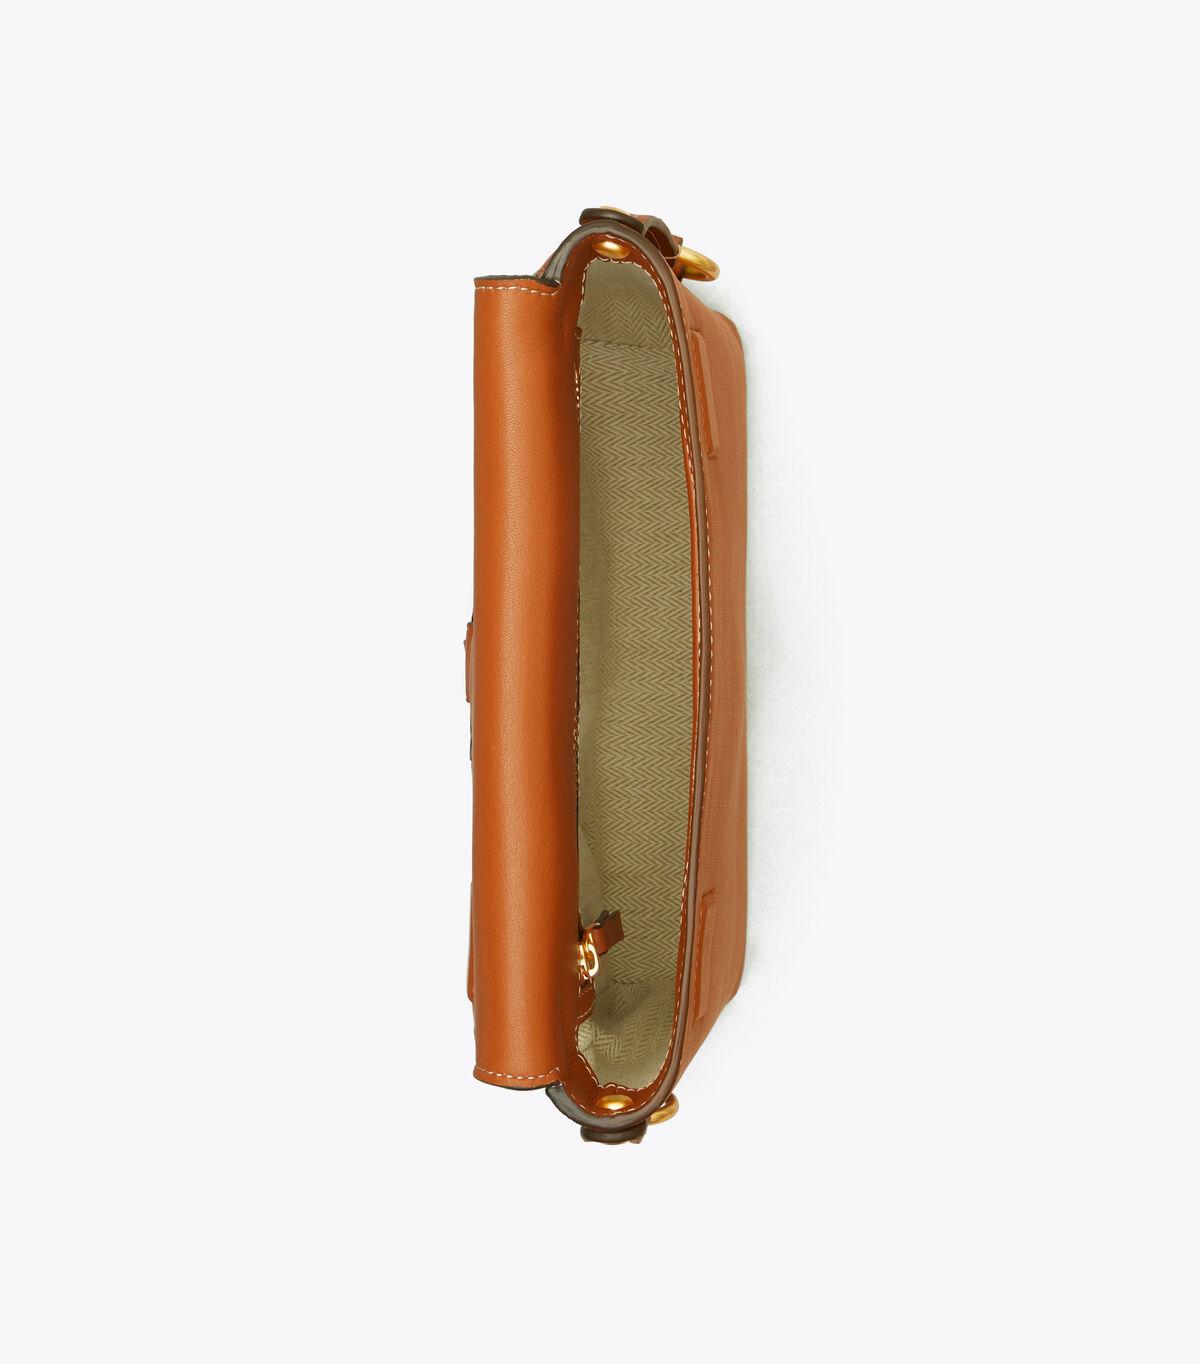 حقيبة ميلر ميتال كروس/268/ حقائب كروس